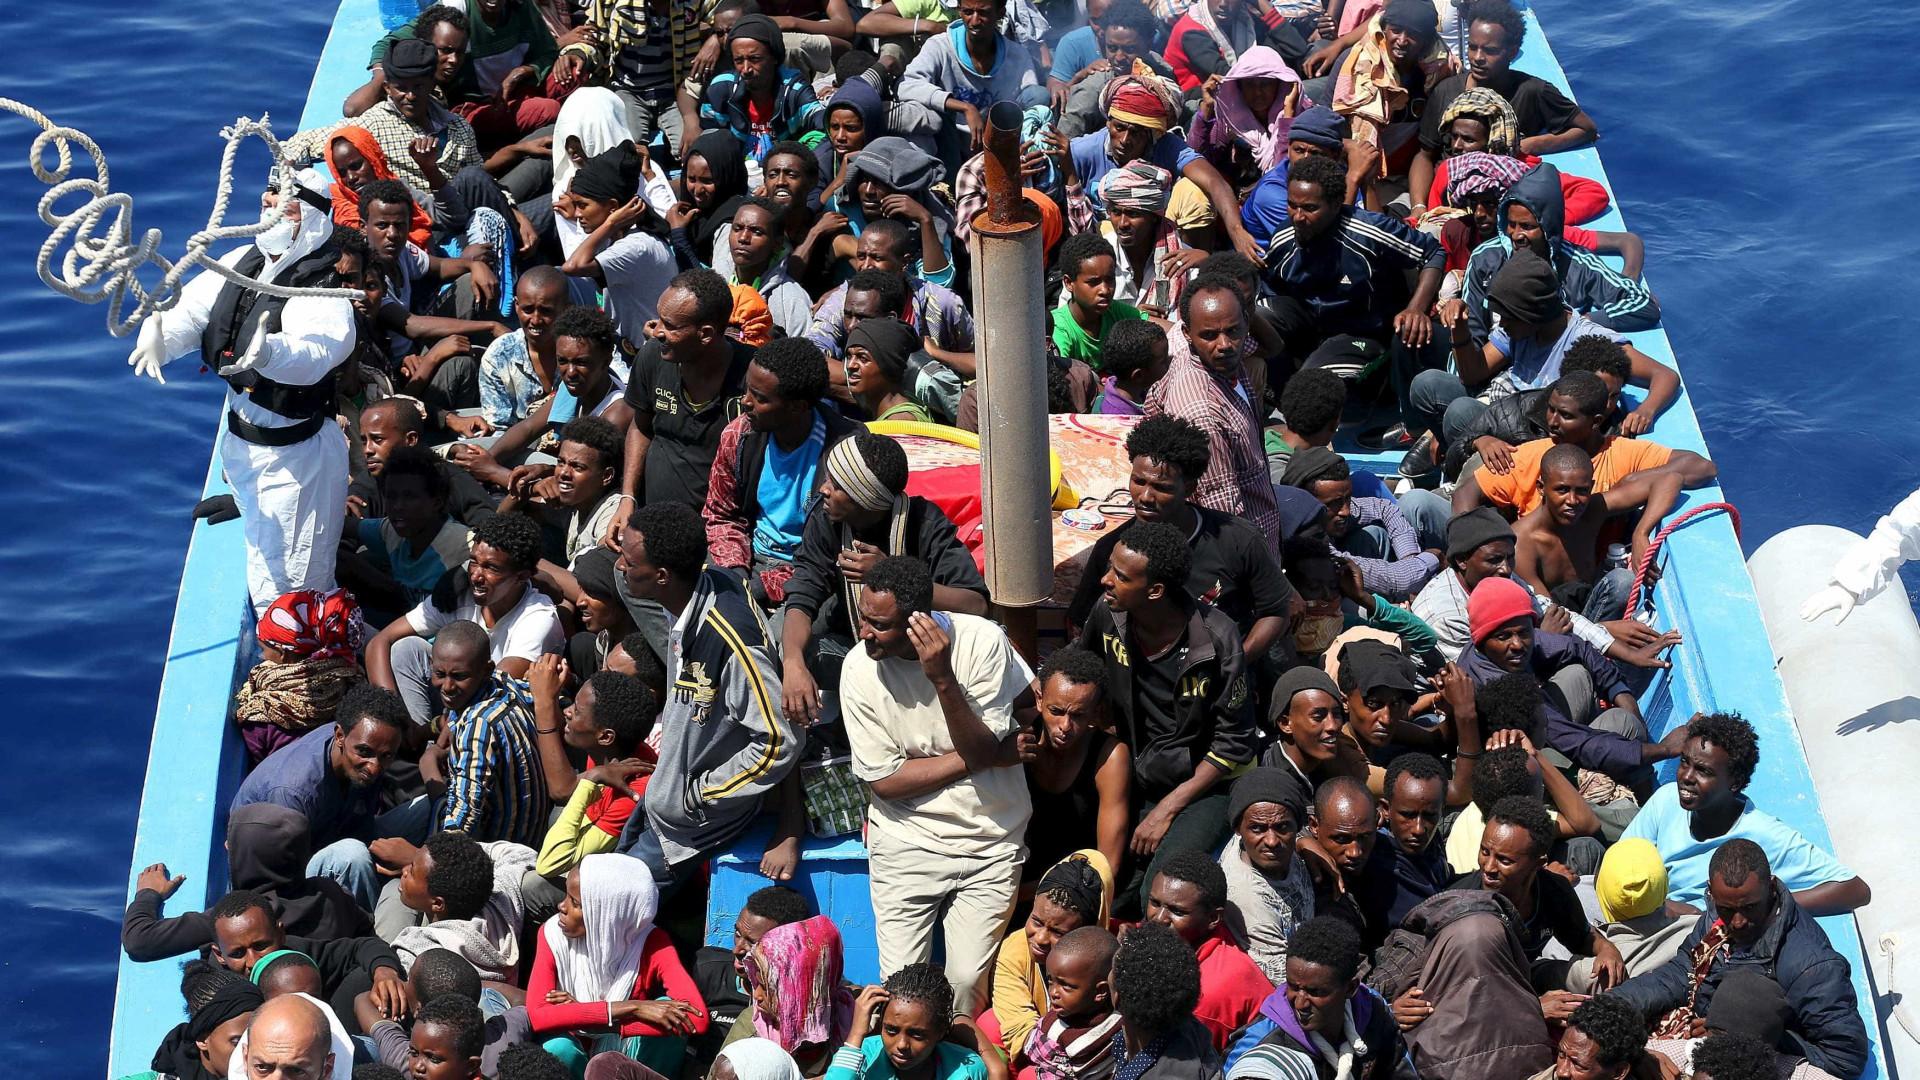 Resgatados 180 migrantes de várias embarcações no sul de Espanha